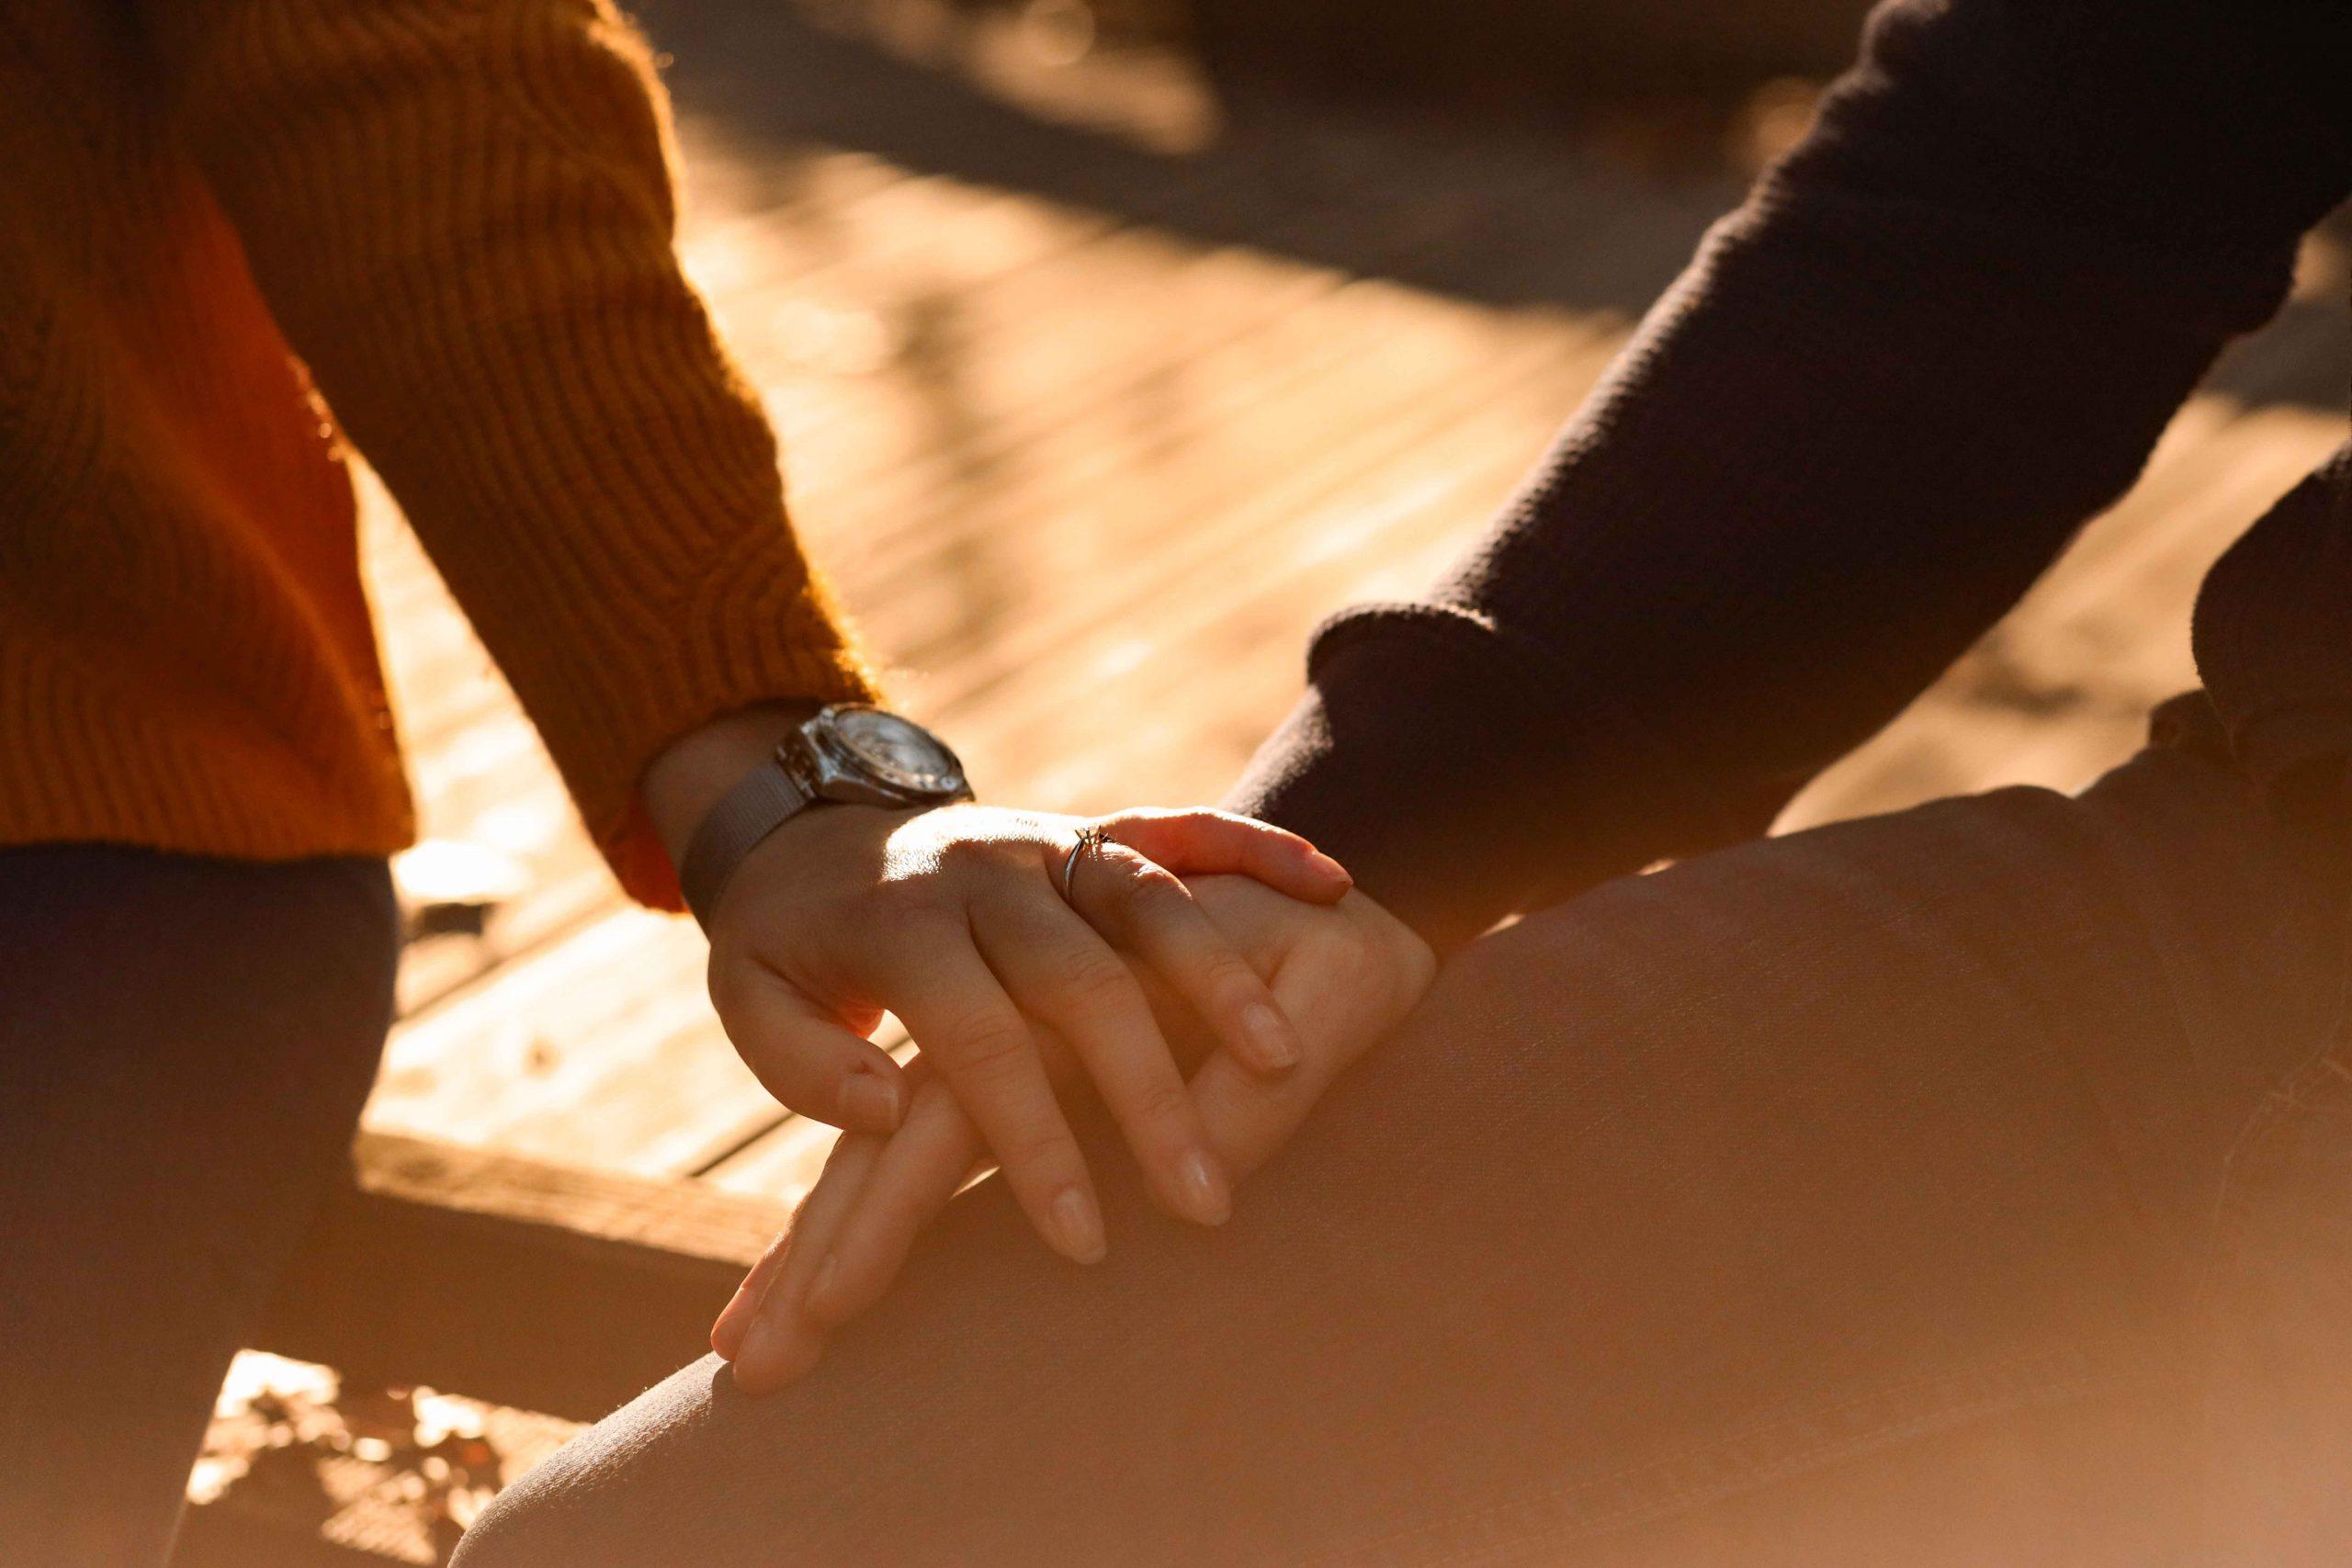 photographe mariage engagement mains alliance